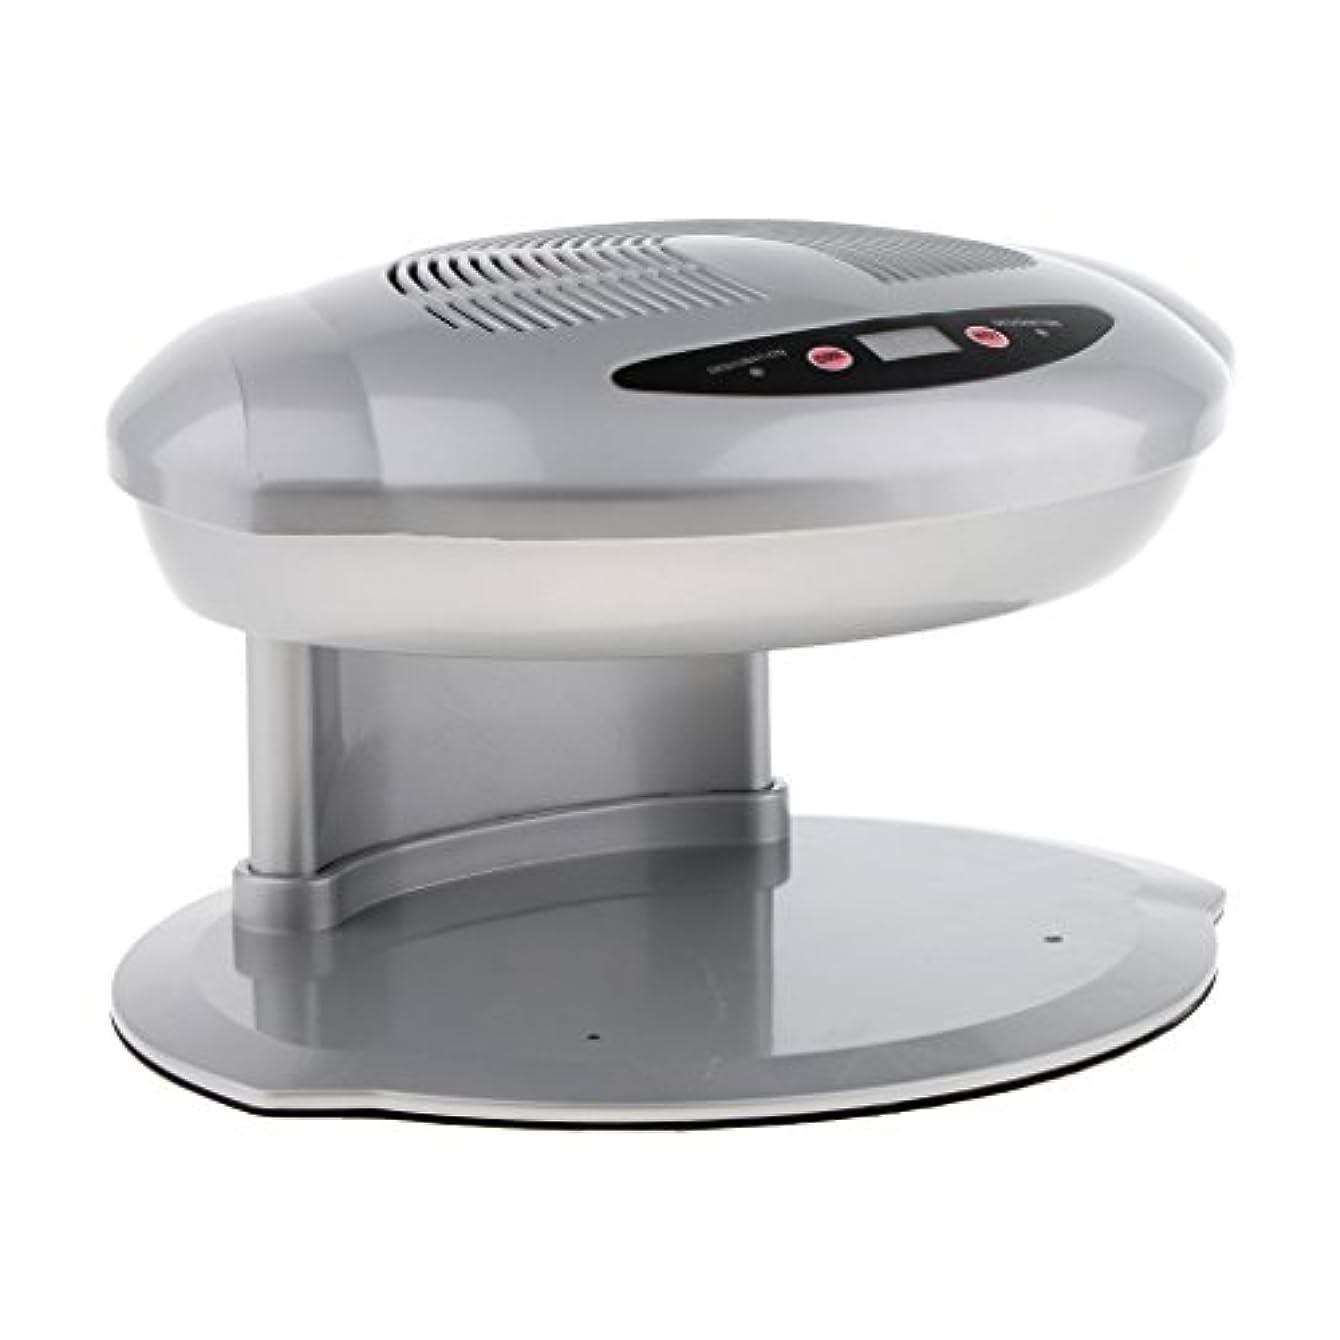 放棄された無視する淡いPerfk ネイルファン ドライヤー ネイルアート プロ 自動センサー 乾燥機 暖かい 涼しい 空気ファン